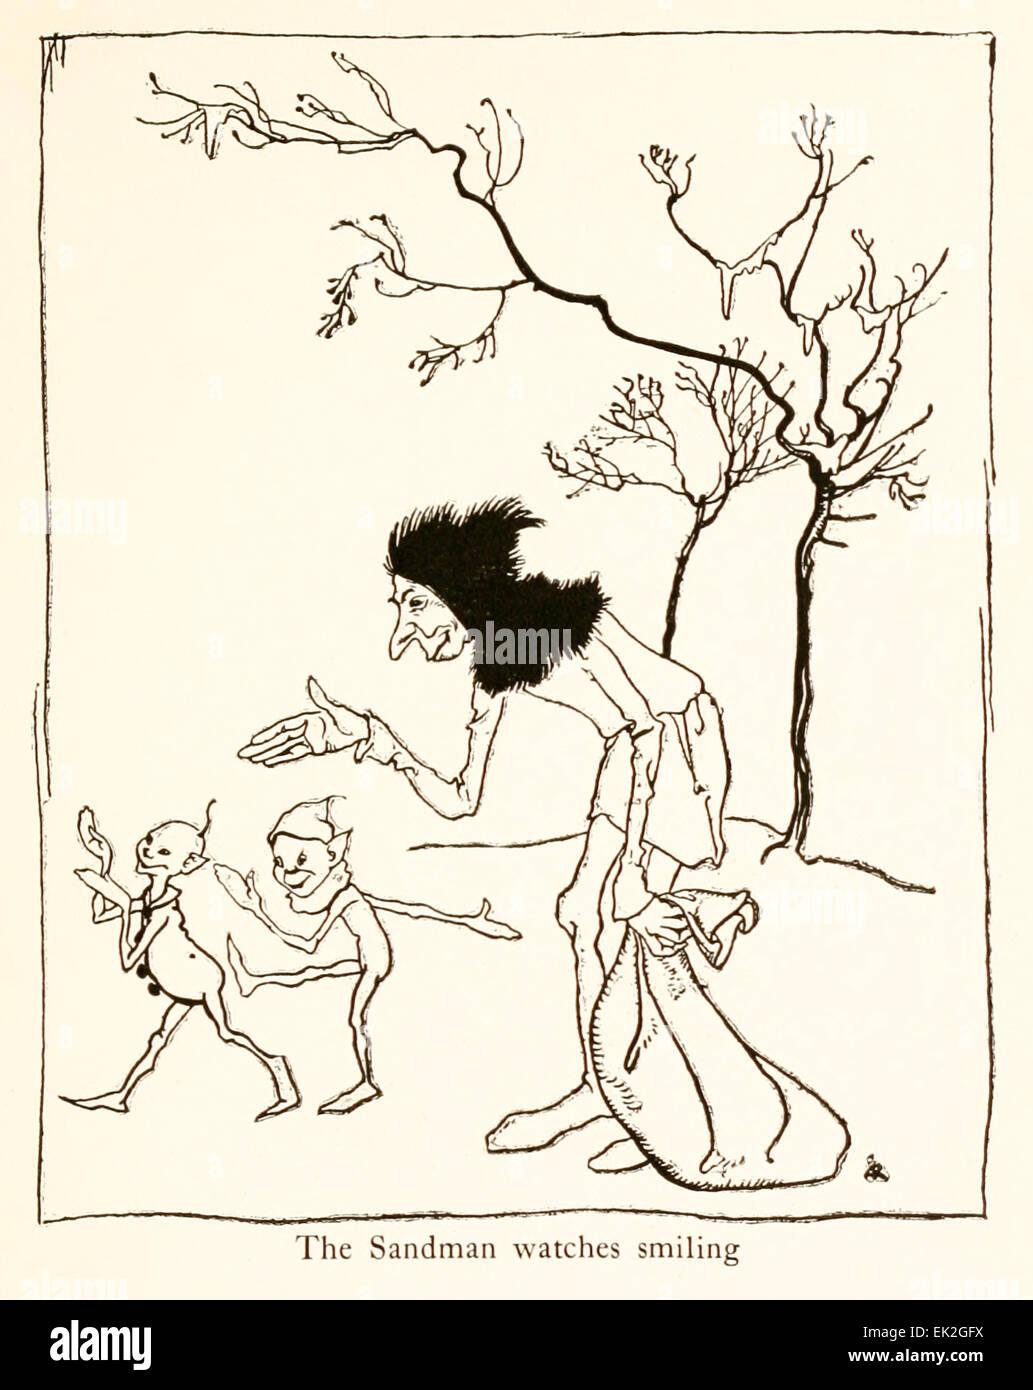 Il Sandman watchers sorridenti - Illustrazione di Arthur Rackham (1867-1939) da 'Snickerty Nick e il Gigante' Immagini Stock